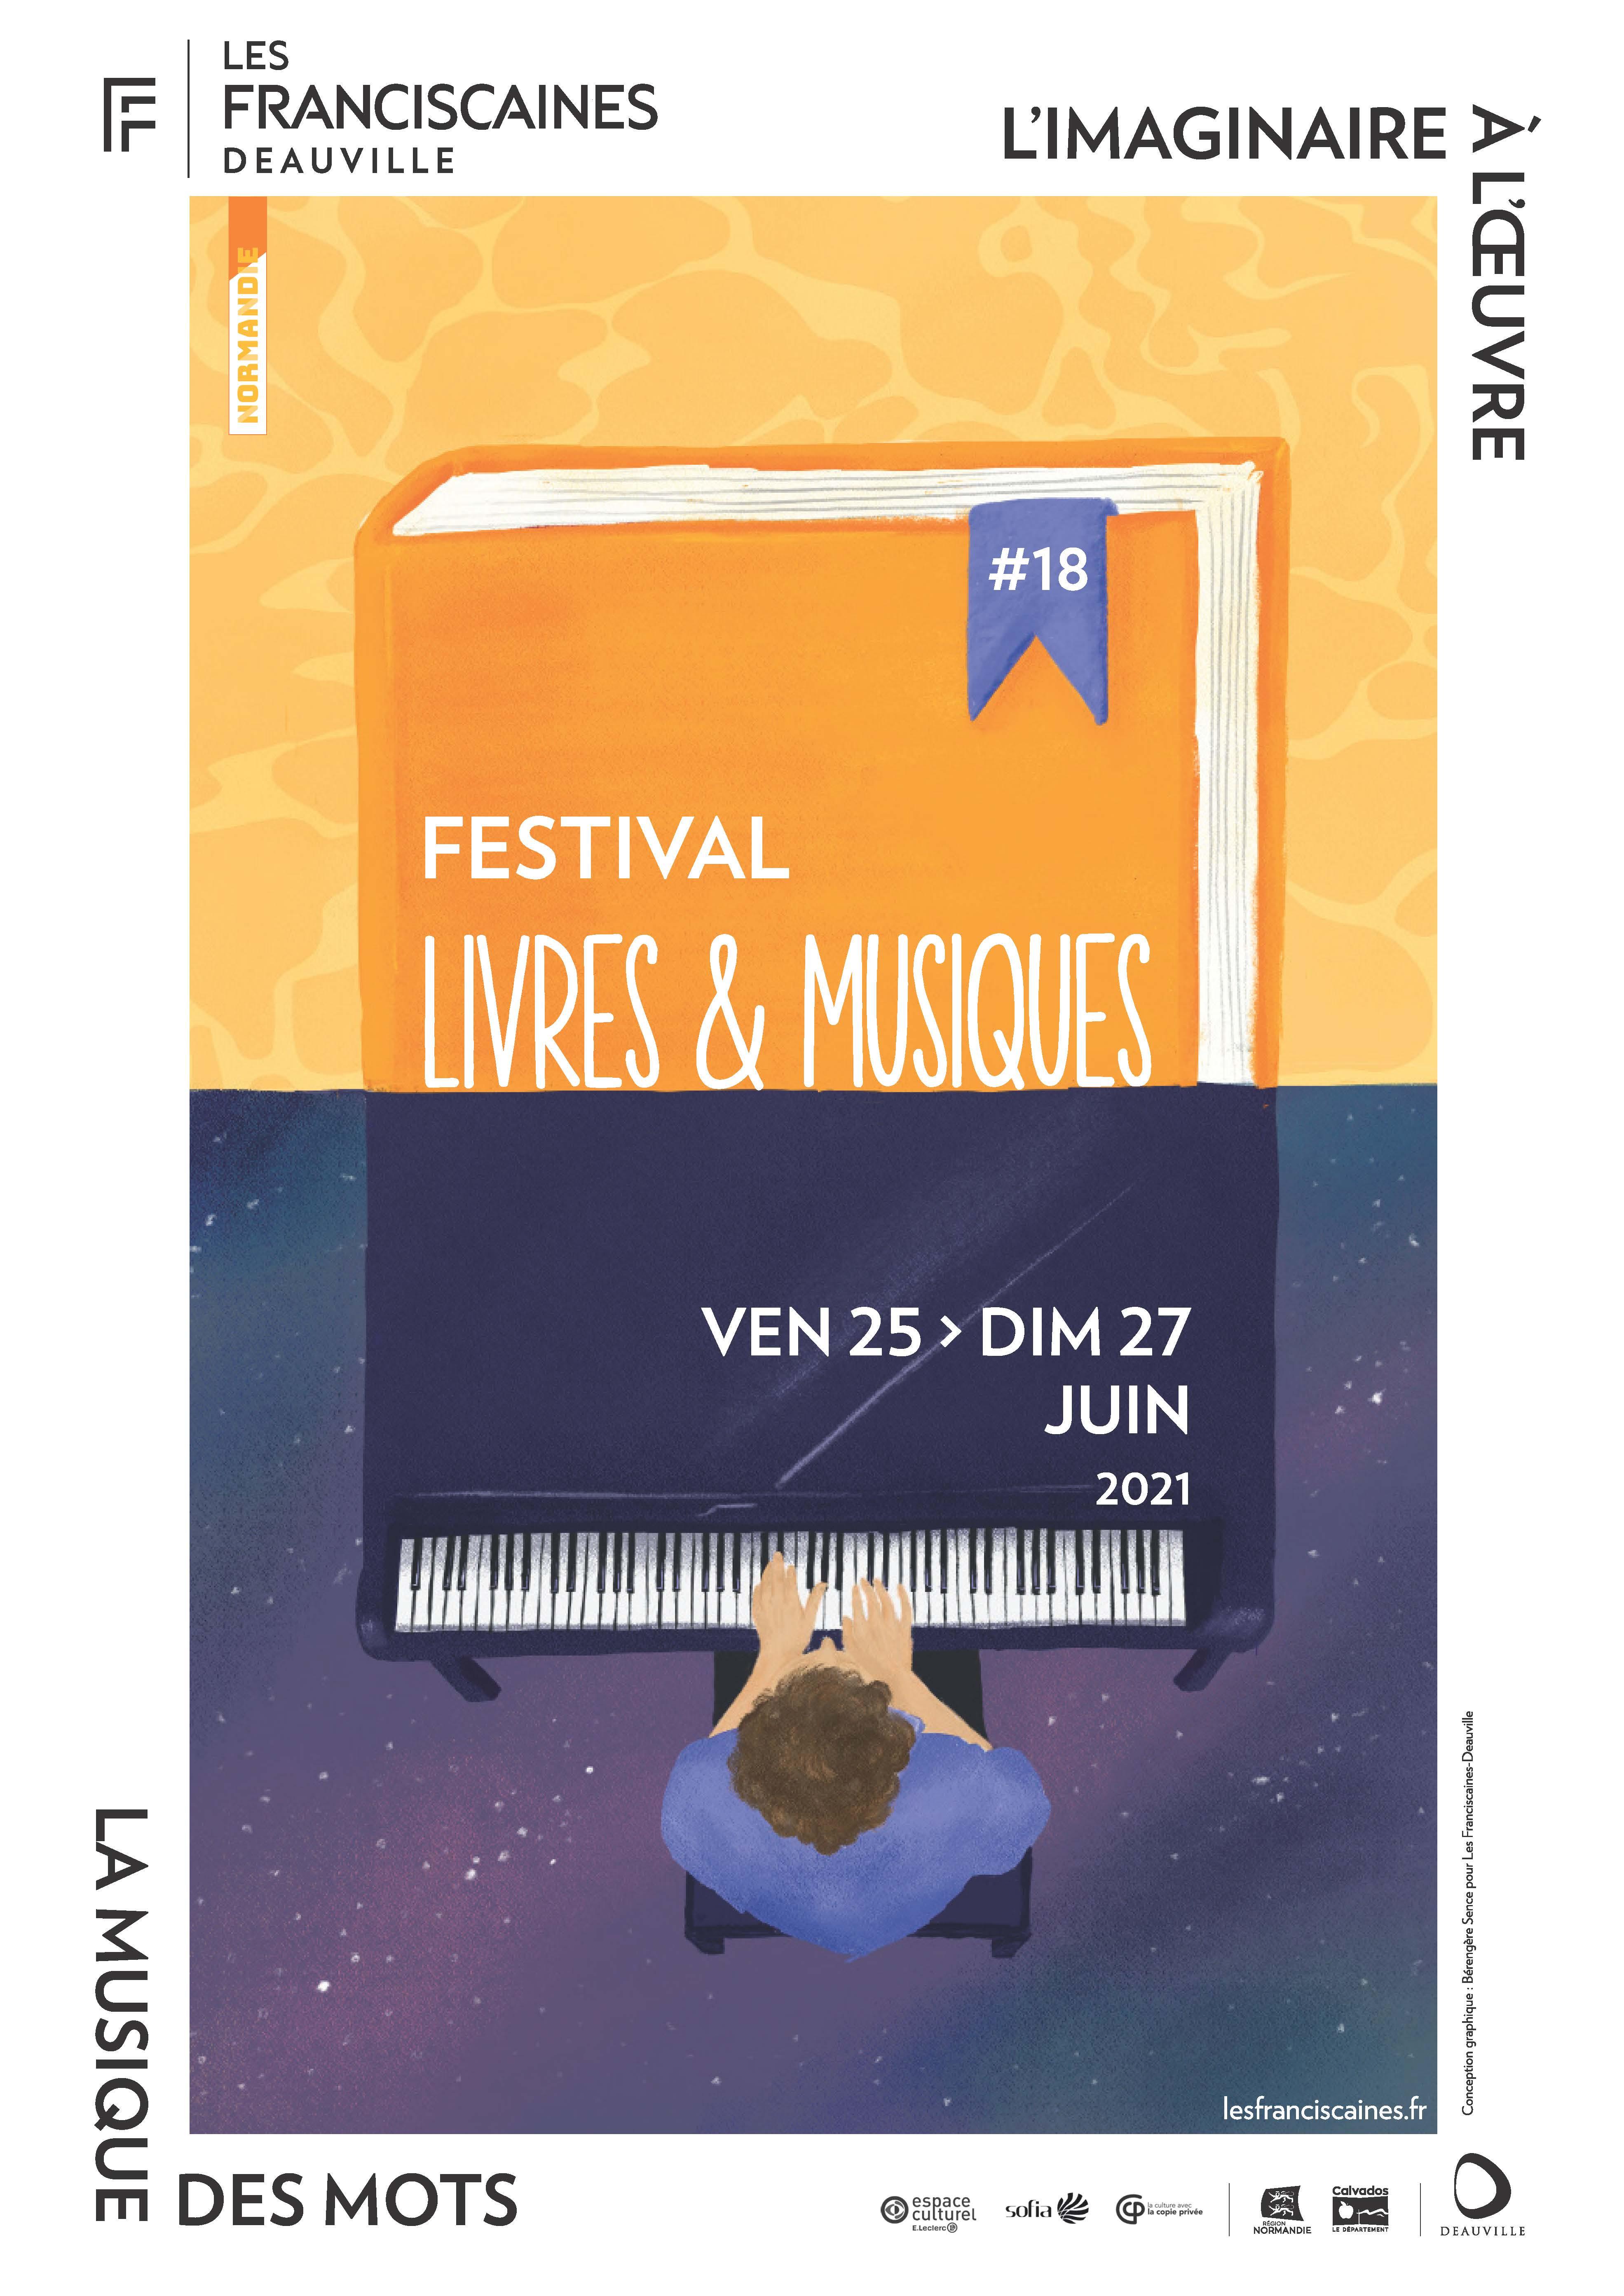 Rencontre avec Jean-Pierre Montal au Festival Livres & Musique de Deauville